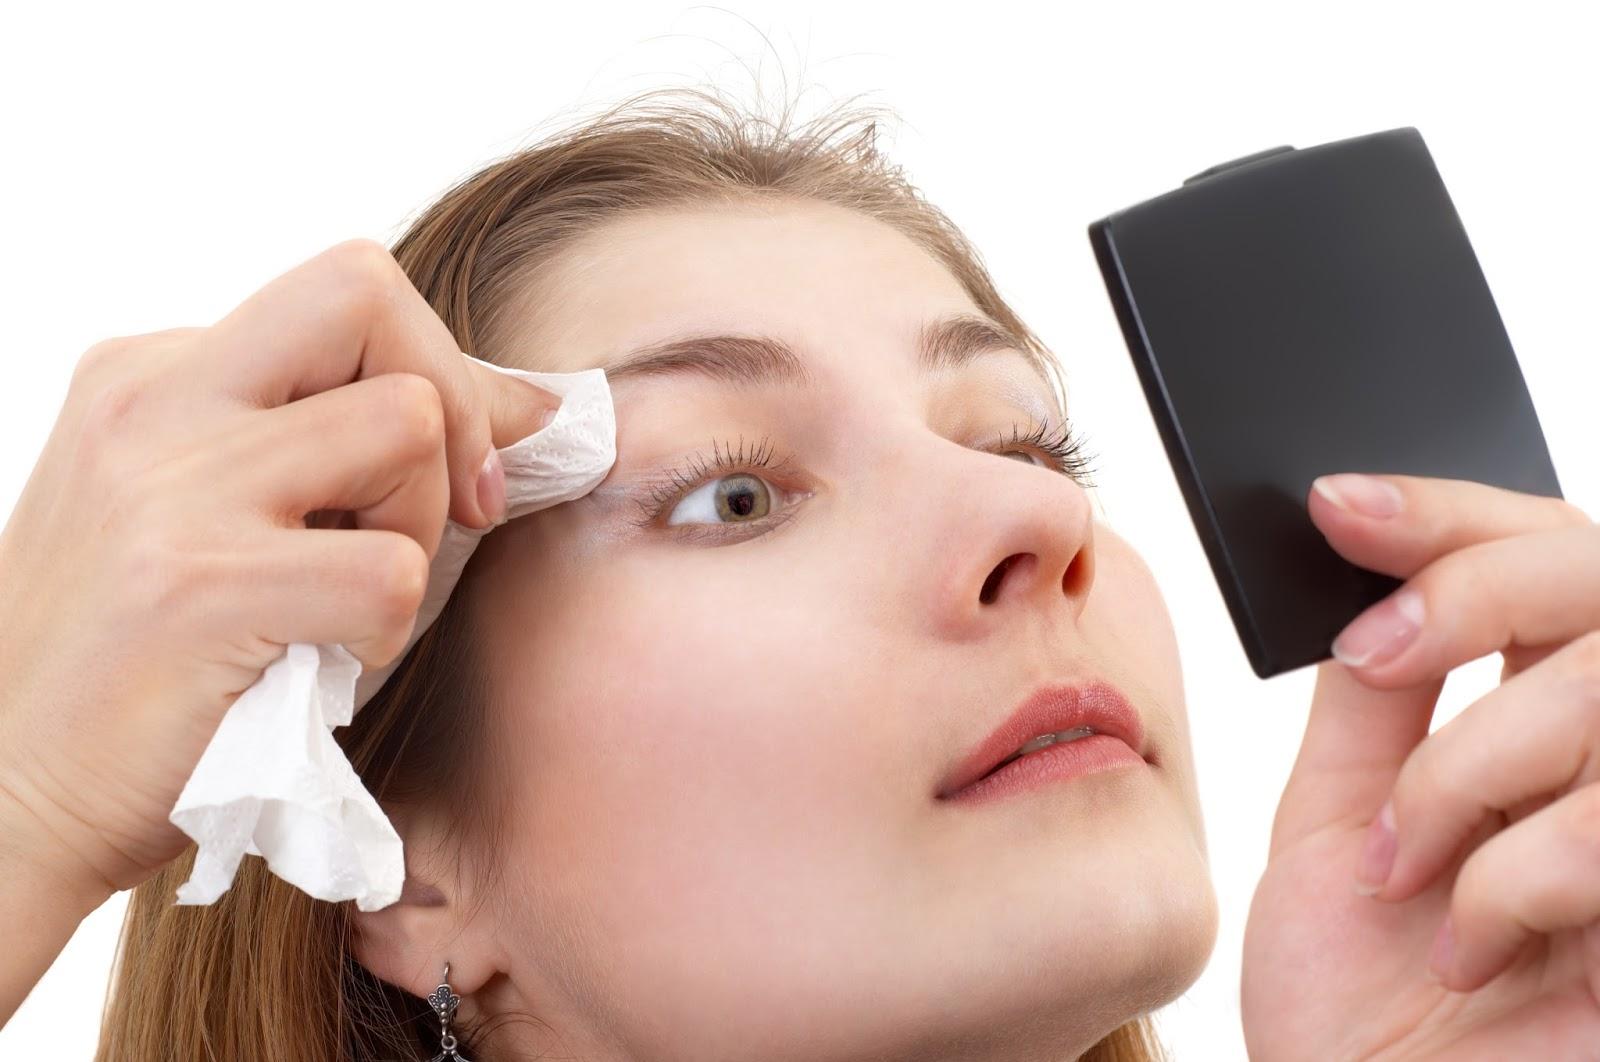 眼袋.眼整形-揮別眼周老化、重新擁抱青春